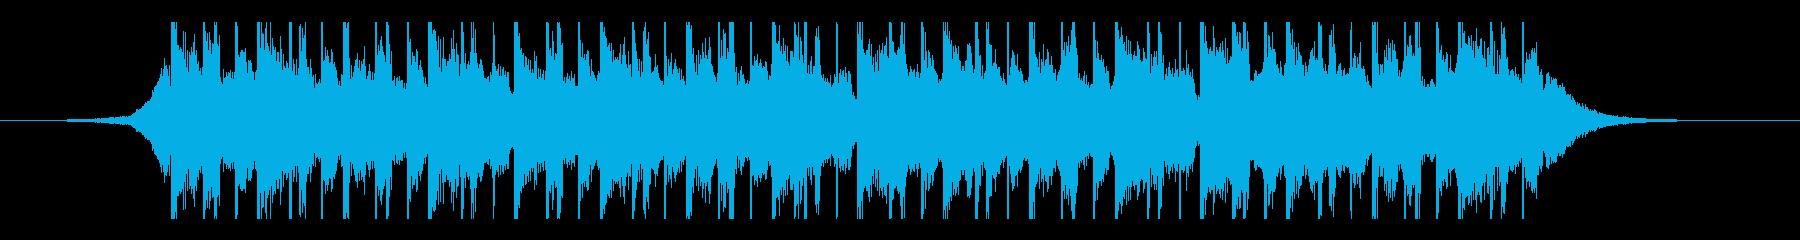 ラマダン(25秒)の再生済みの波形